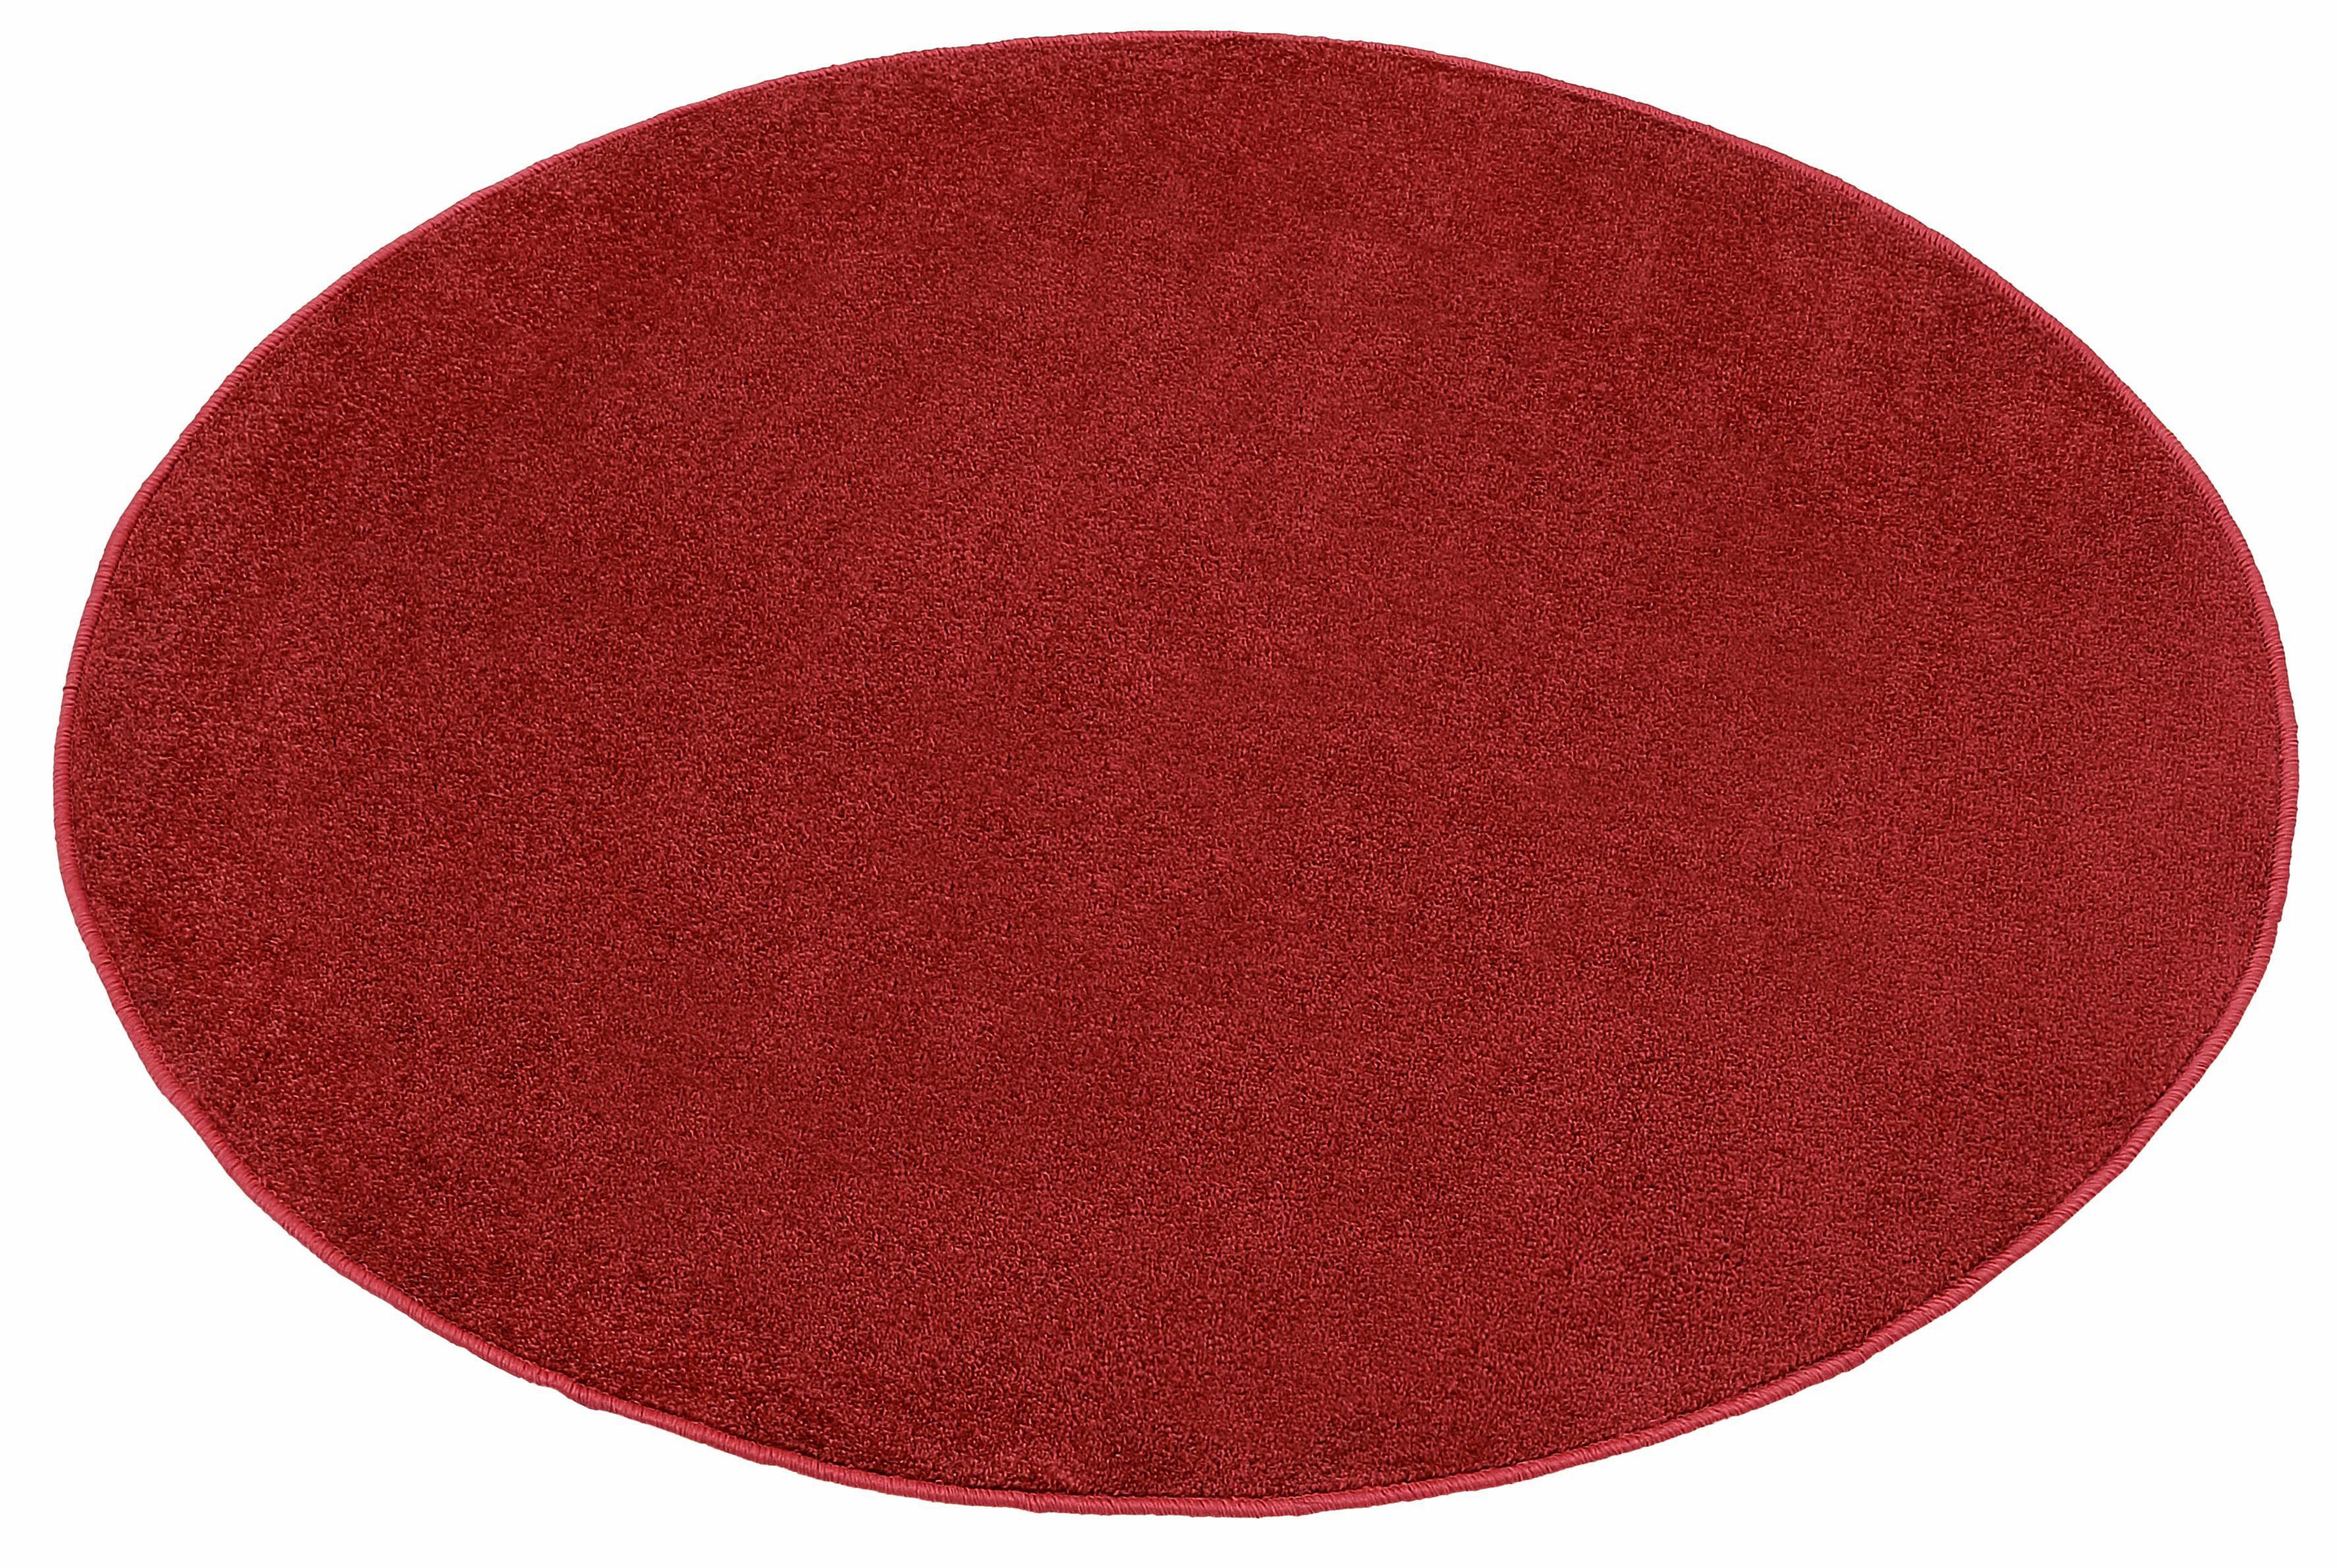 Runde teppiche online kaufen tolle rundteppiche otto